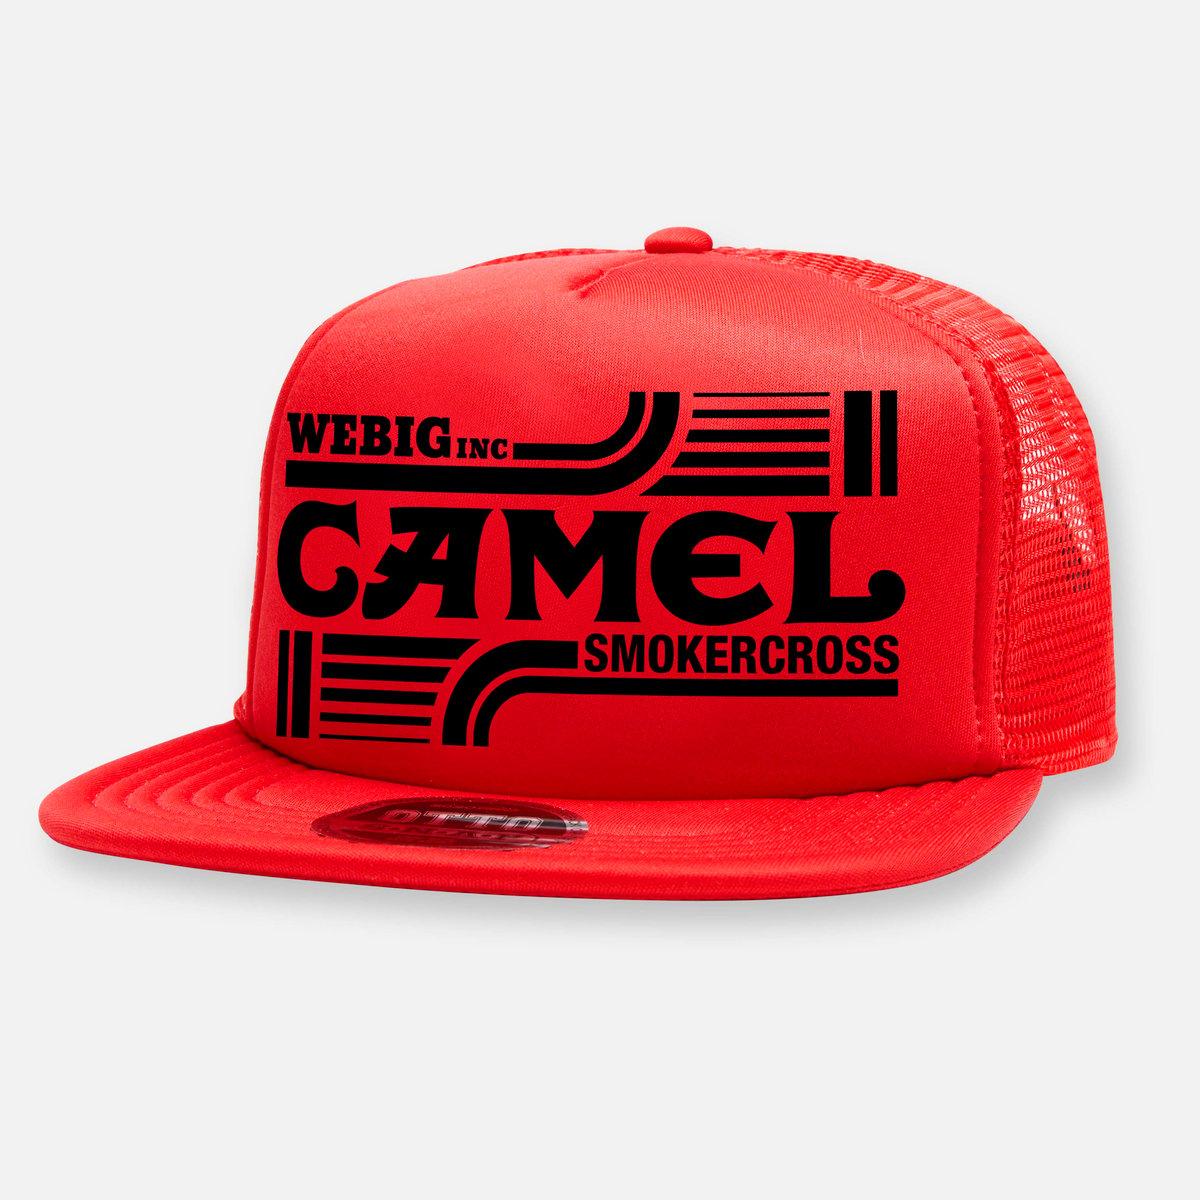 Image of CAMEL LEGEND HAT